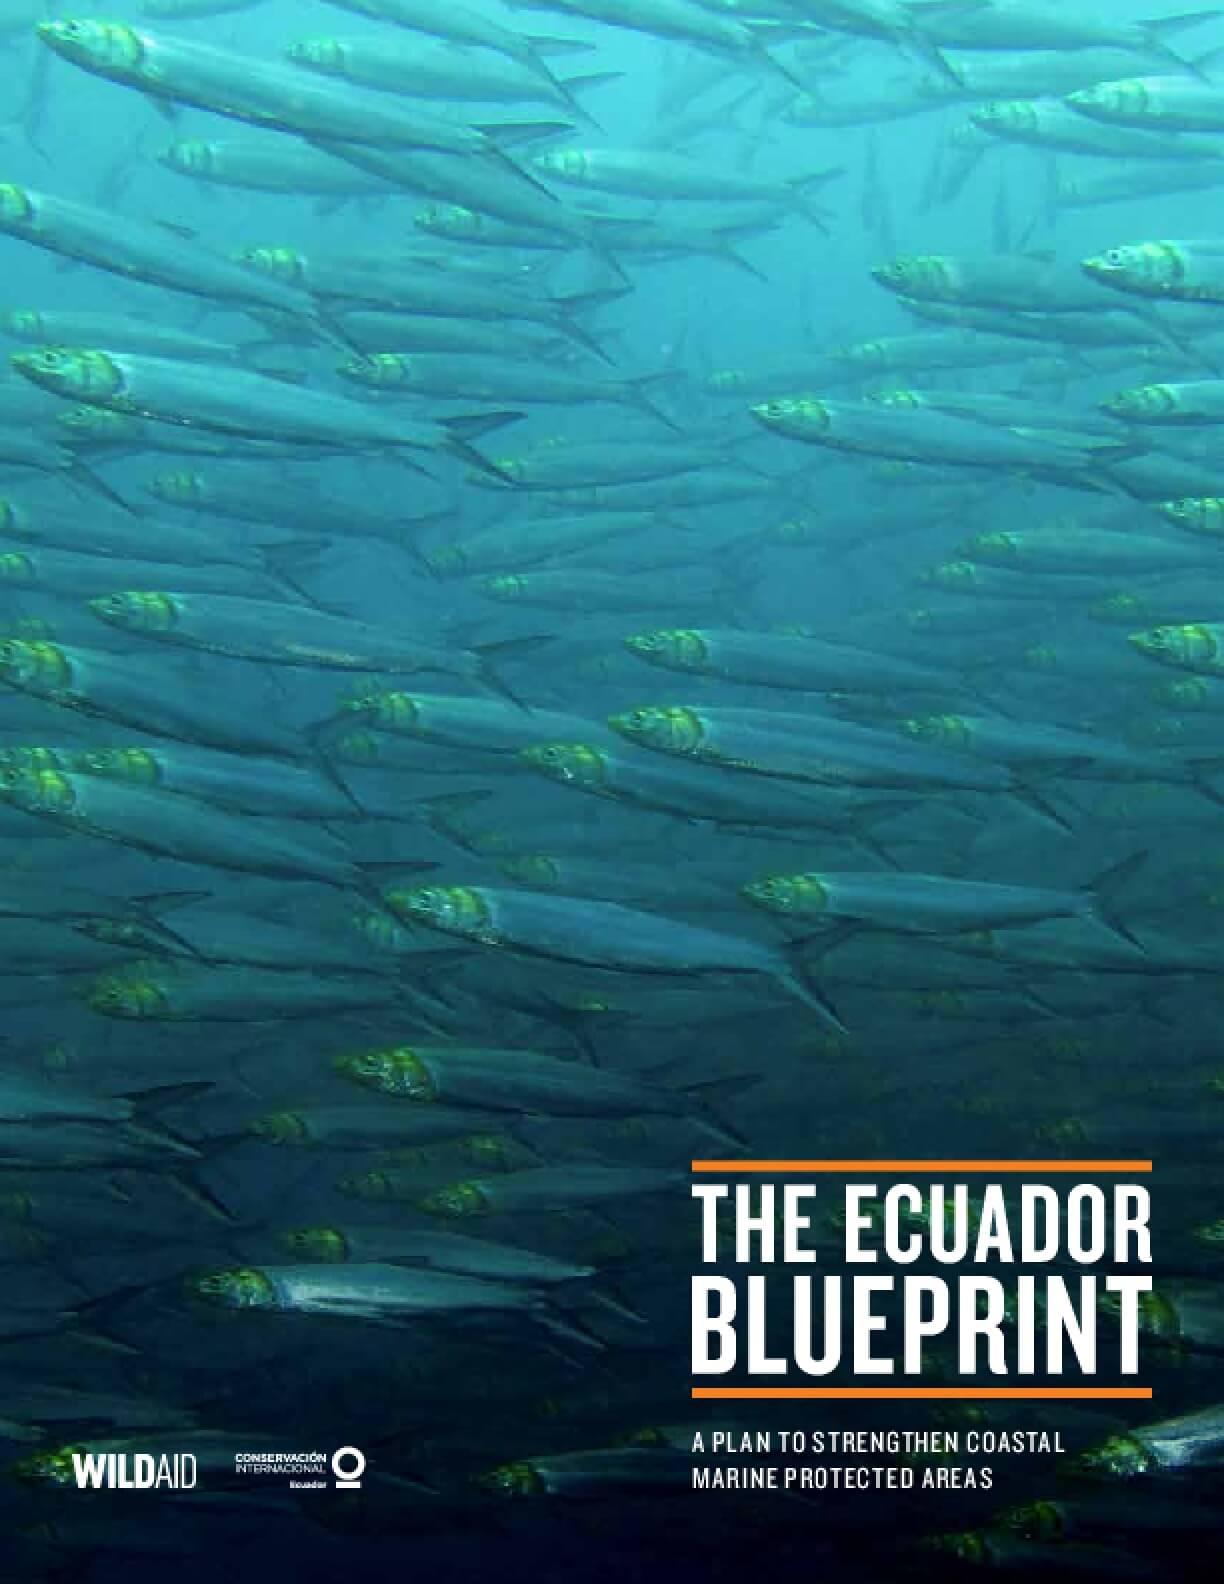 The Ecuador Blueprint: A Plan to Strengthen Coastal Marine Protected Areas